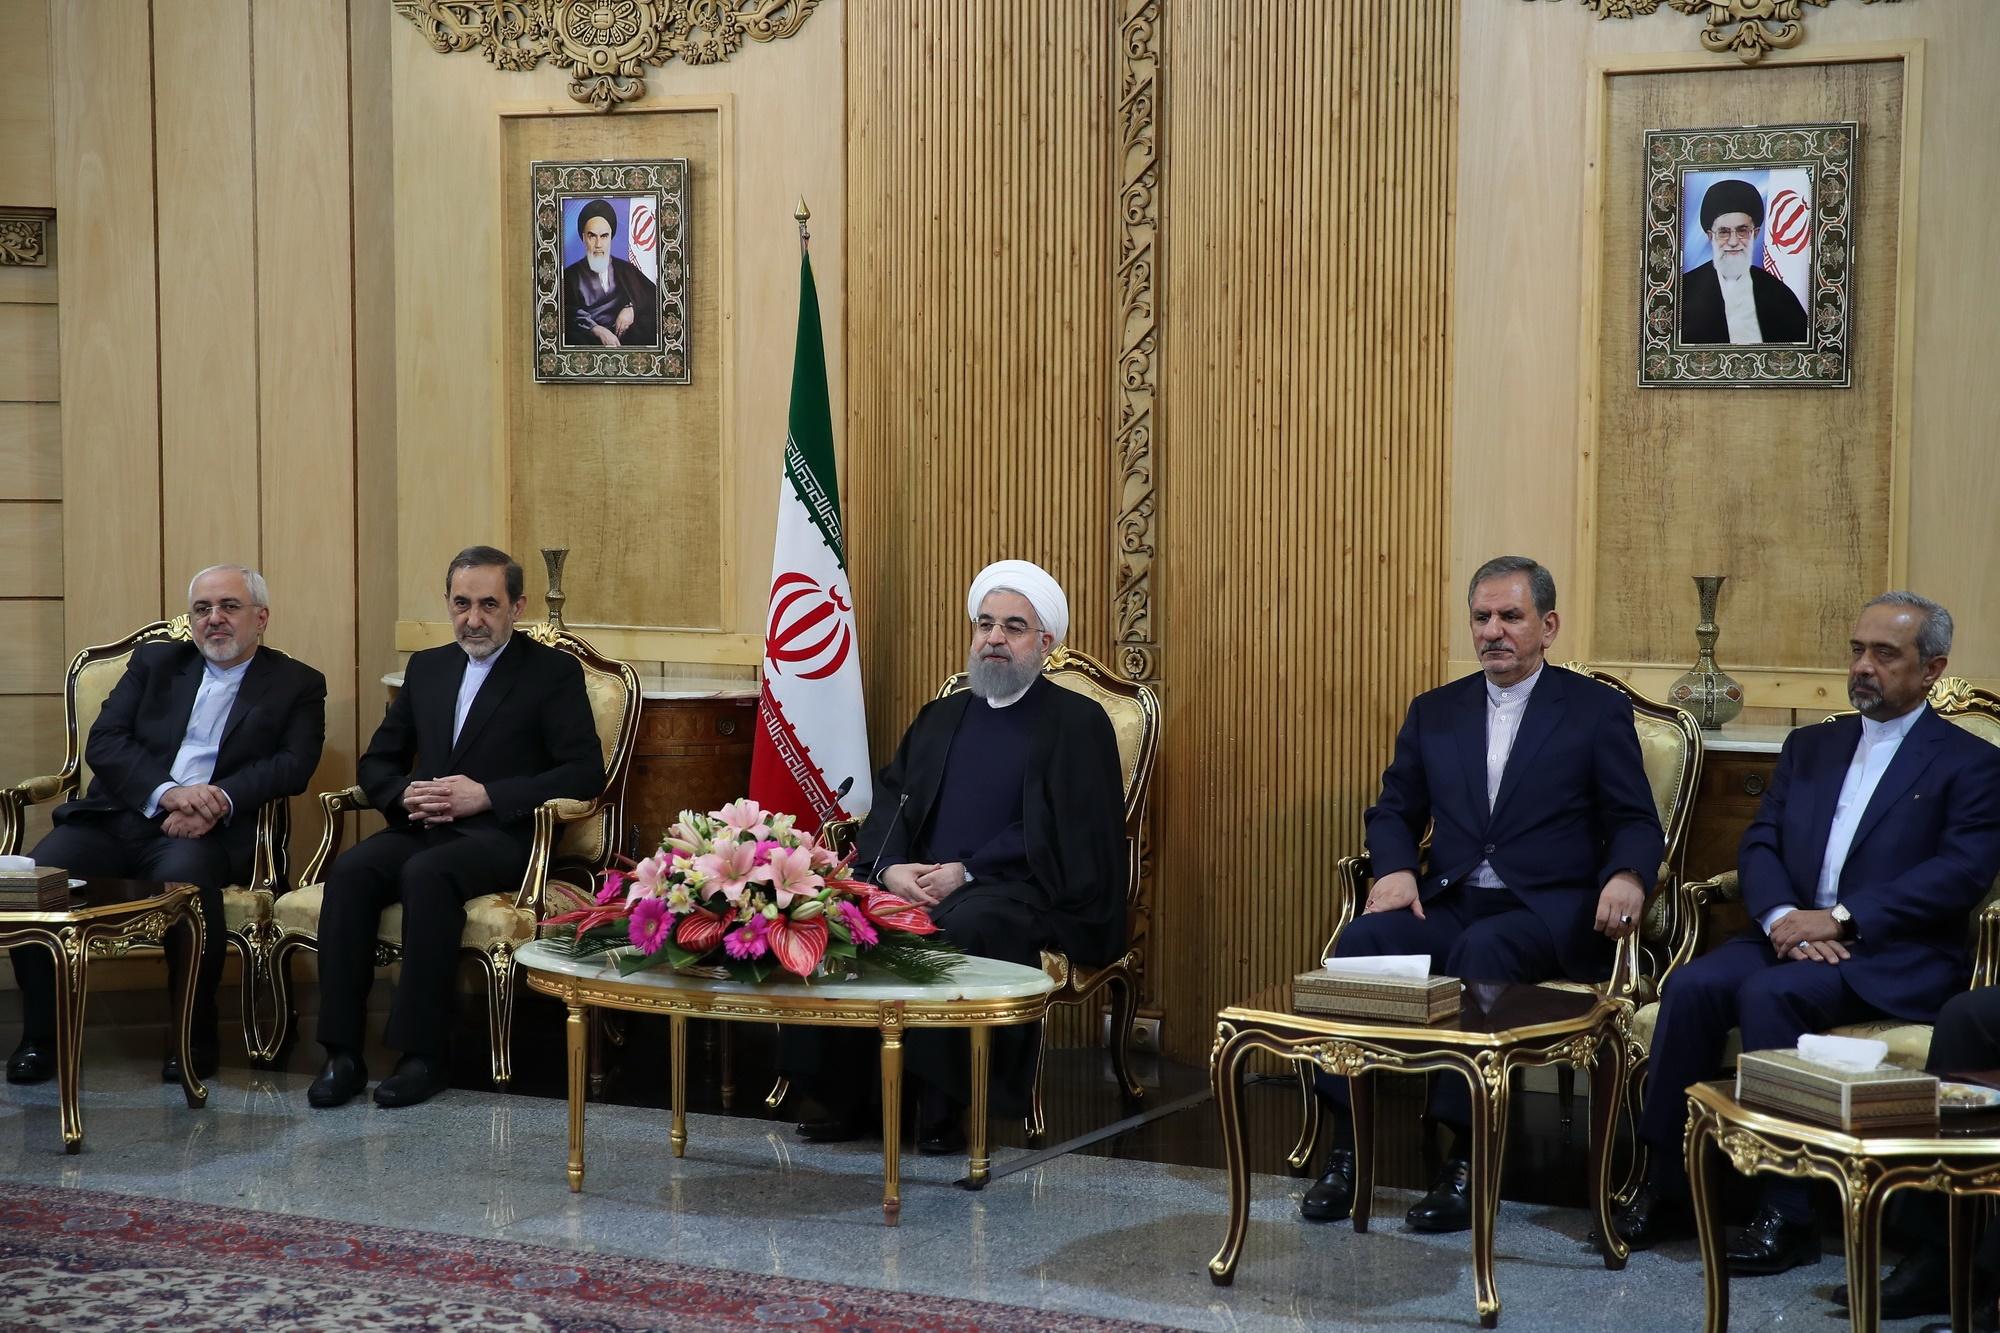 روحانی: روسیه کمکهای زیادی به اجرای برجام کرد